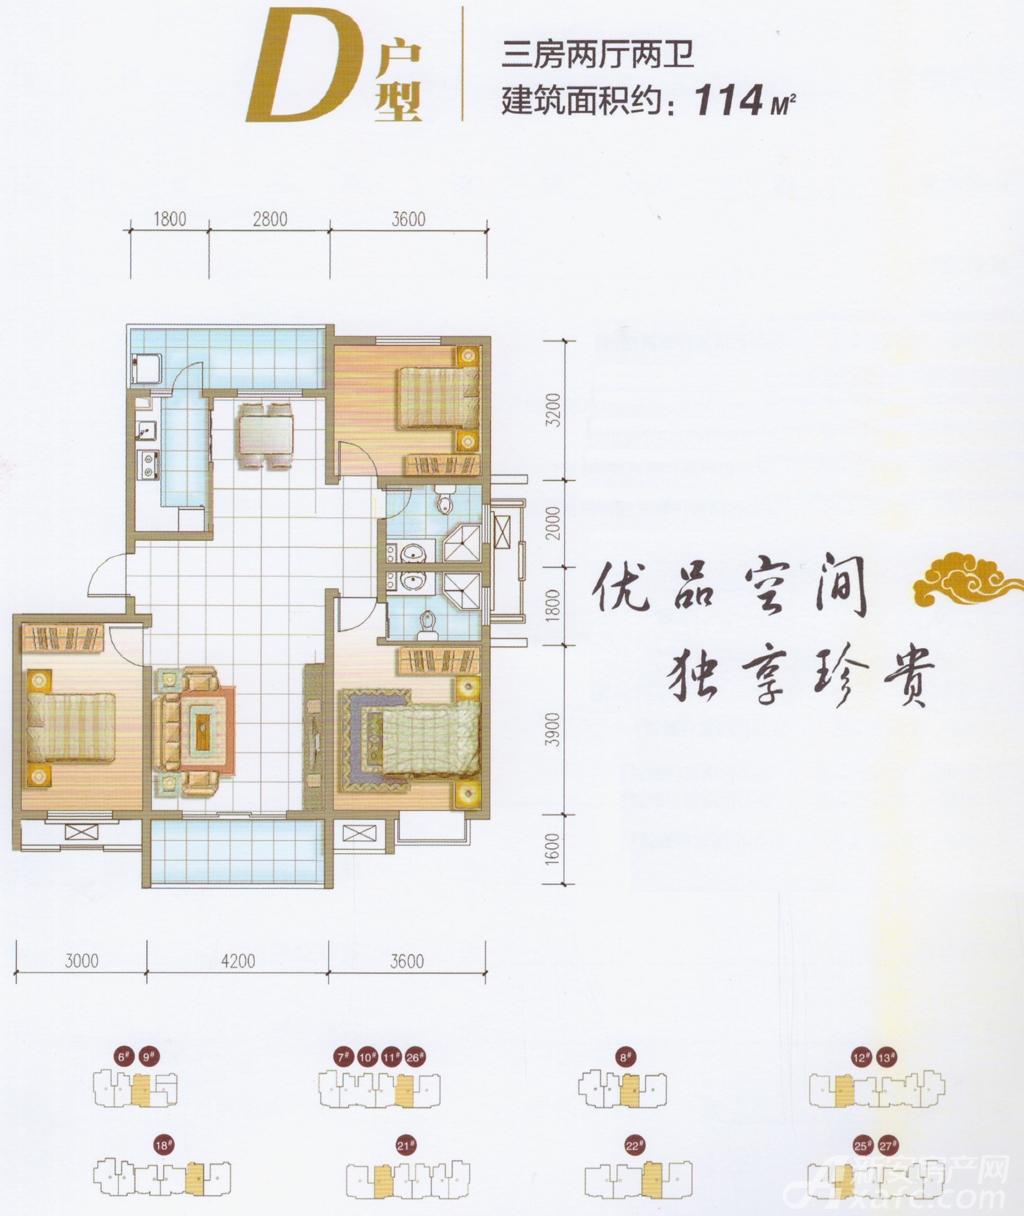 宇业依云红郡D户型3室2厅114平米